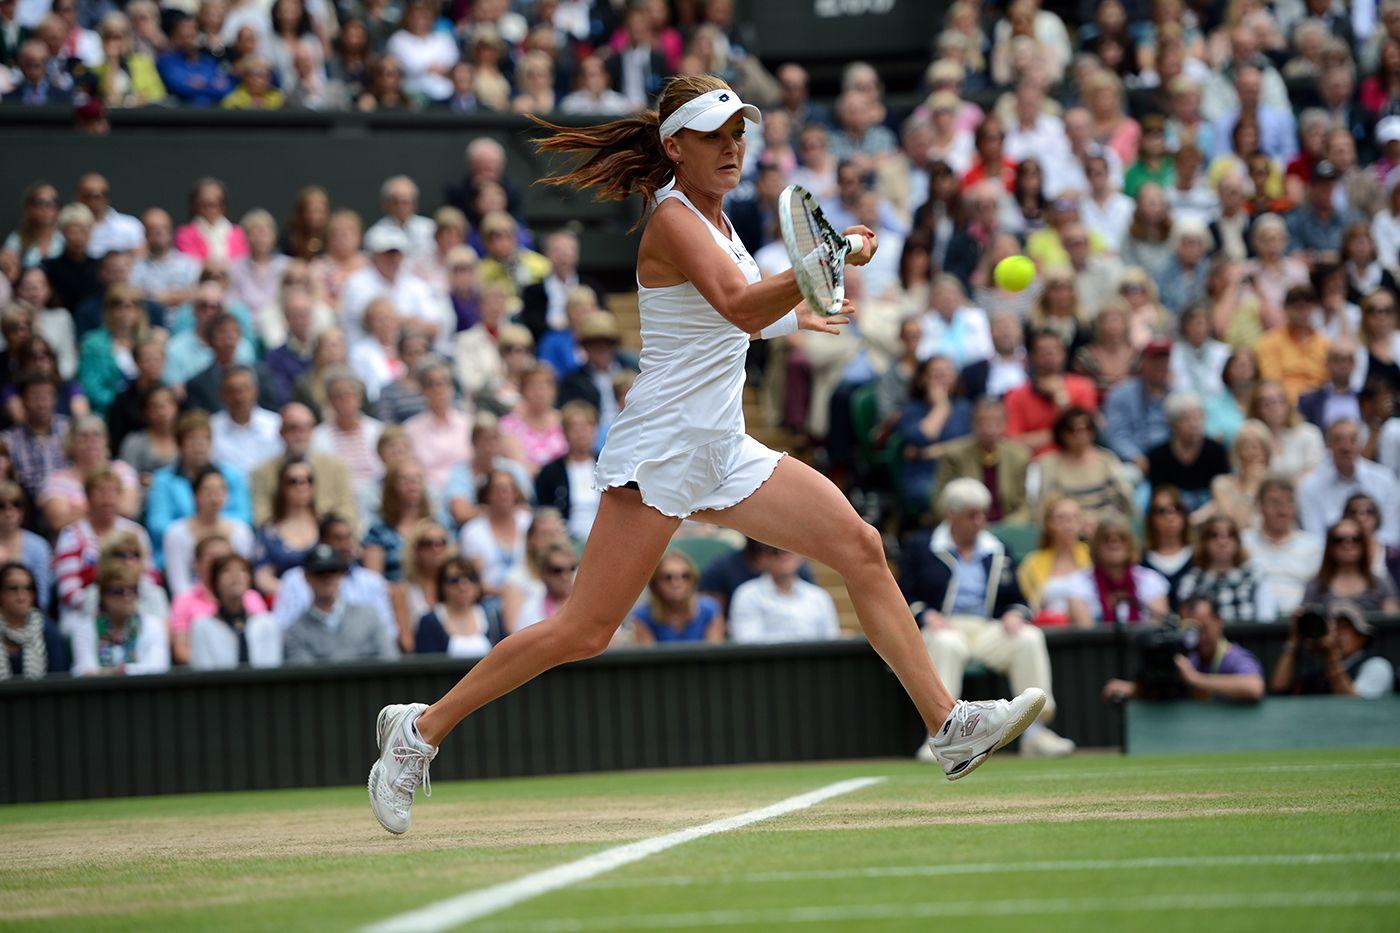 Agnieszka Radwanska hits a forehand during the Ladies' final against Serena Williams. - Matthias Hangst/AELTC